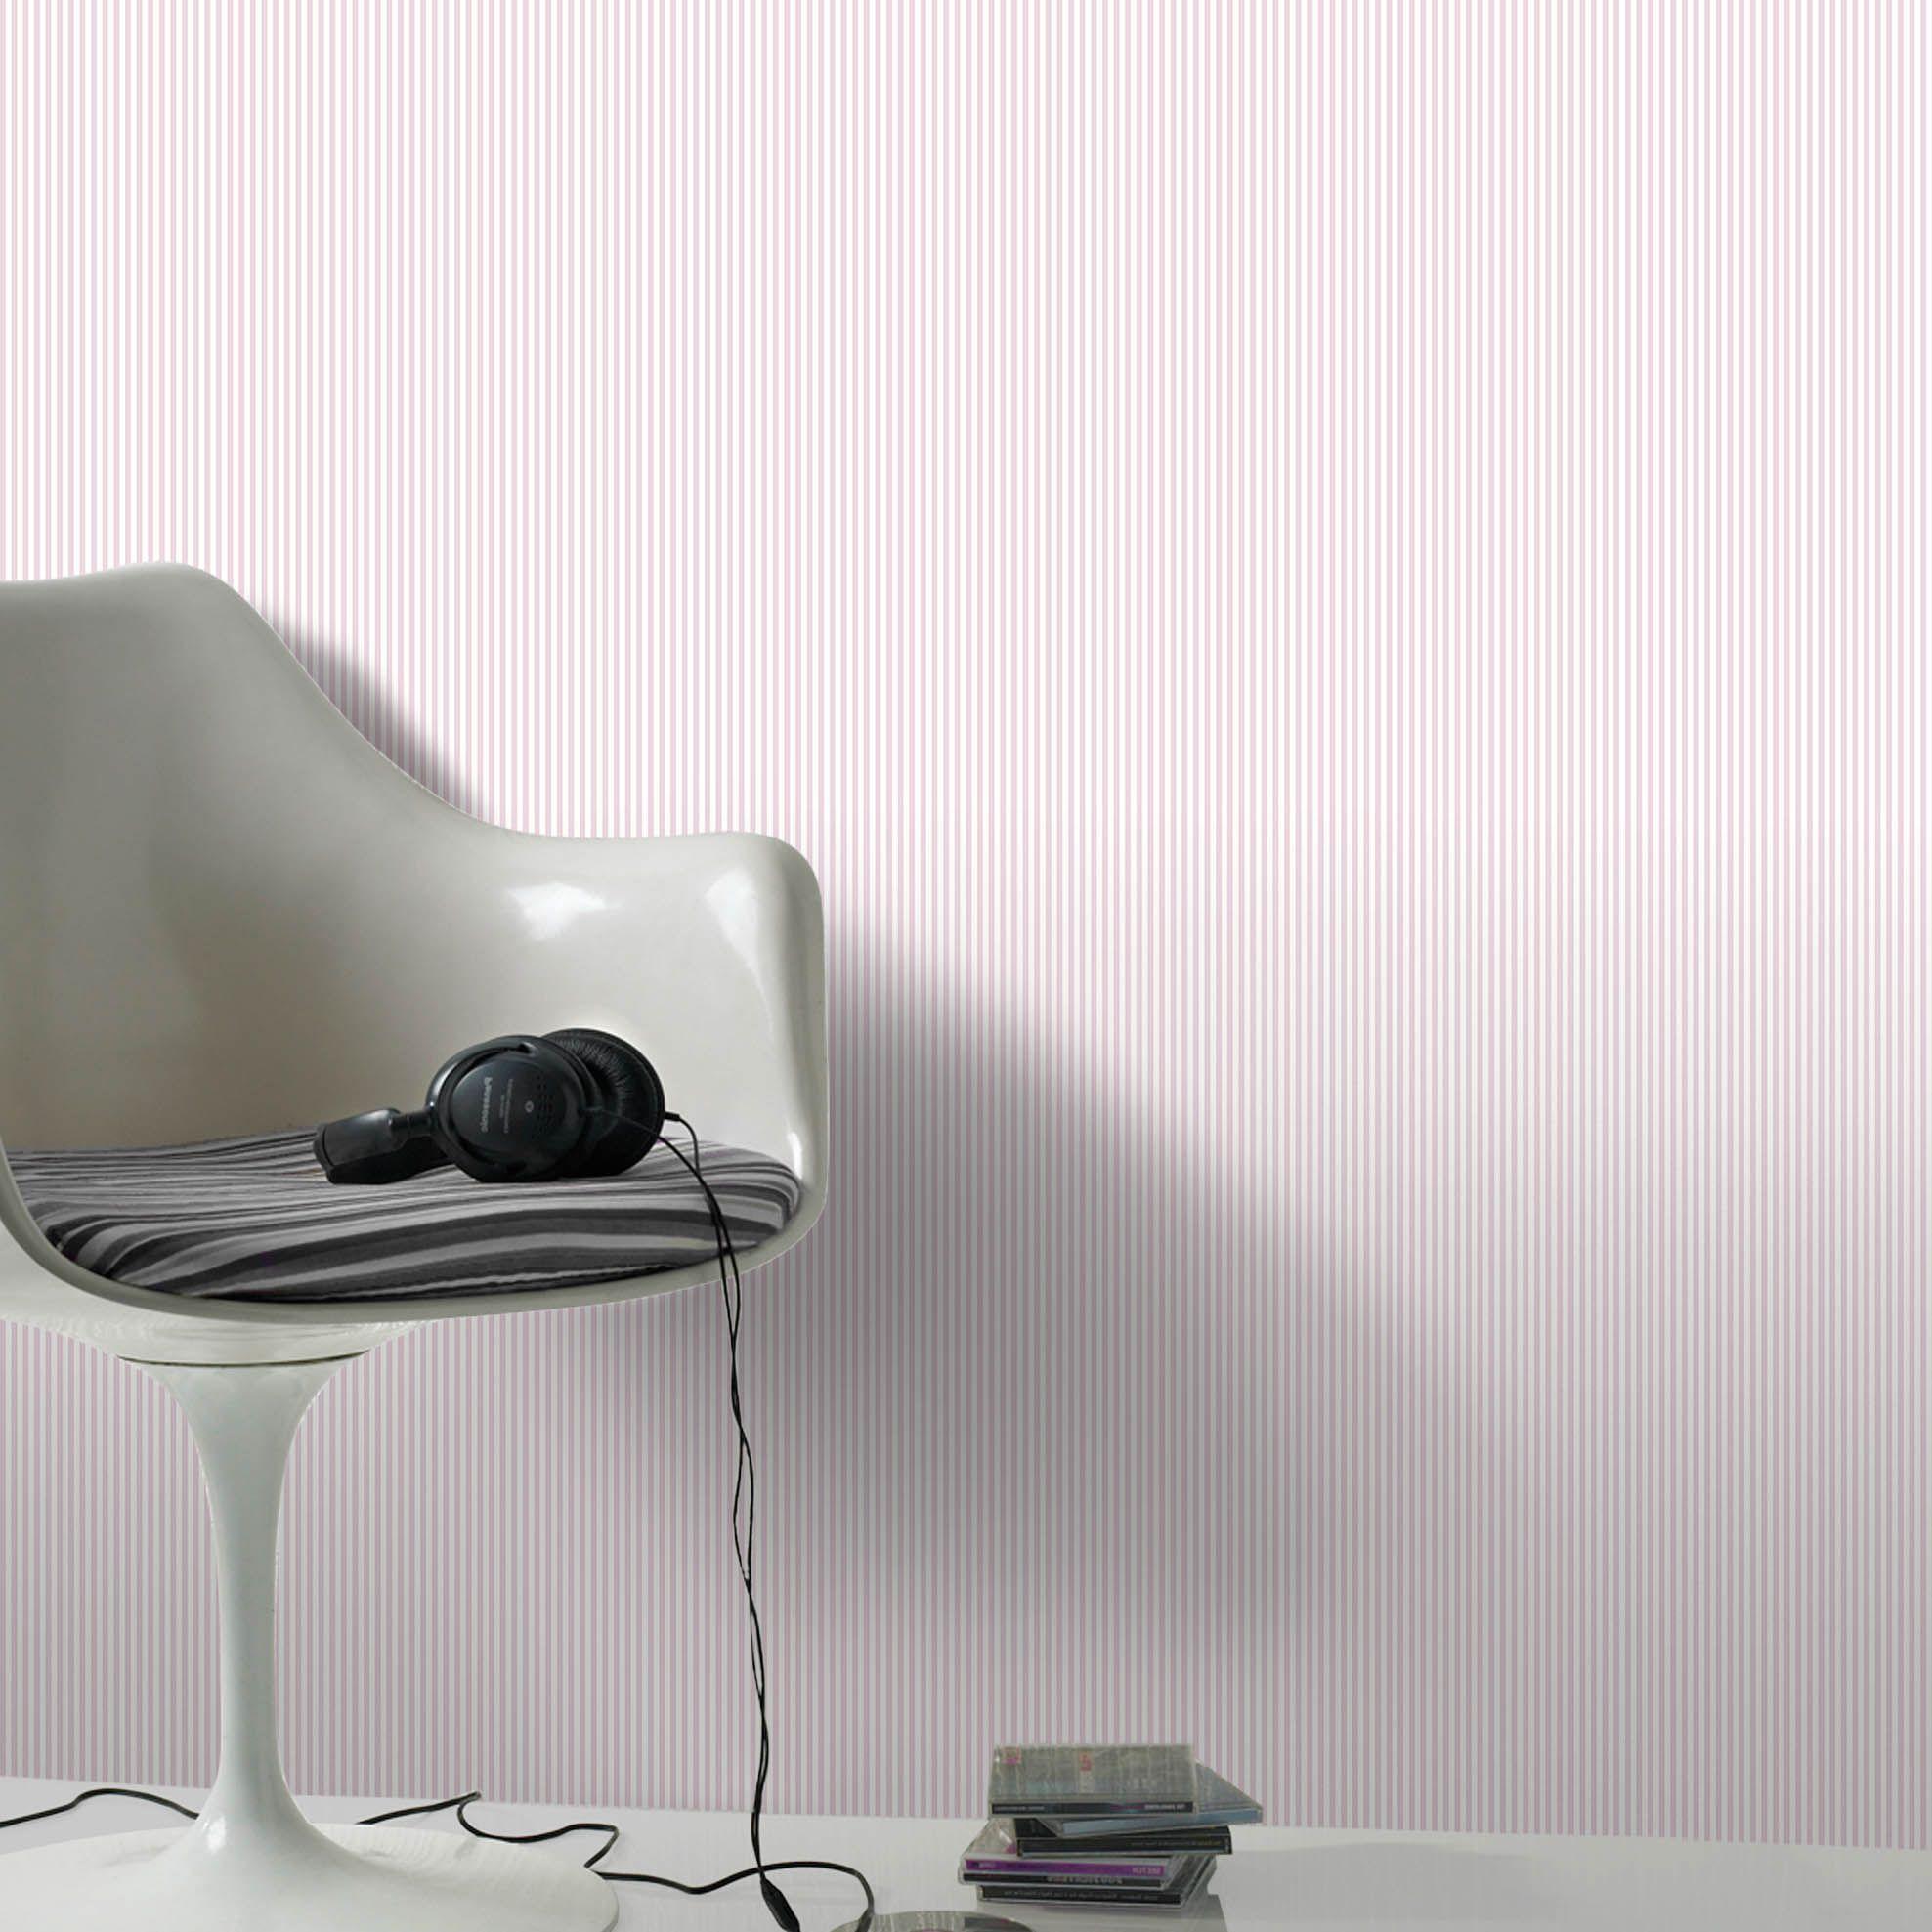 DIY at B&Q